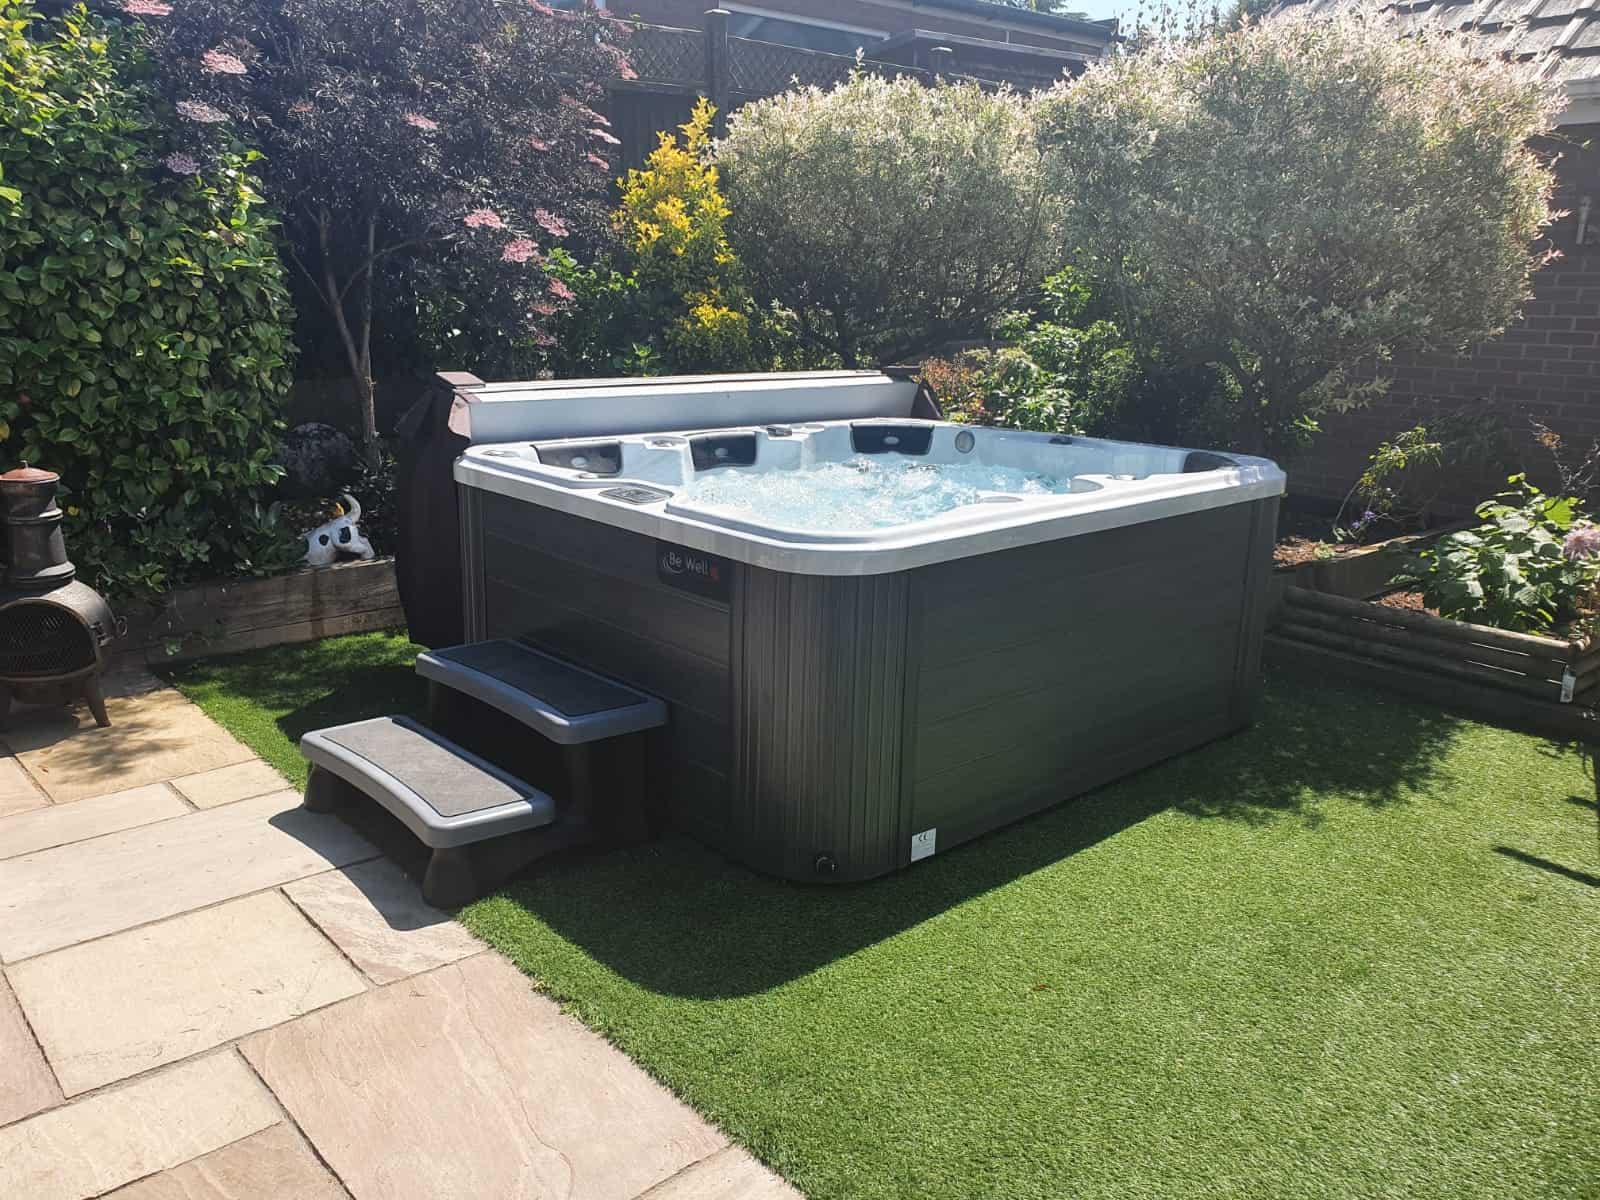 Be Well O460 hot tub